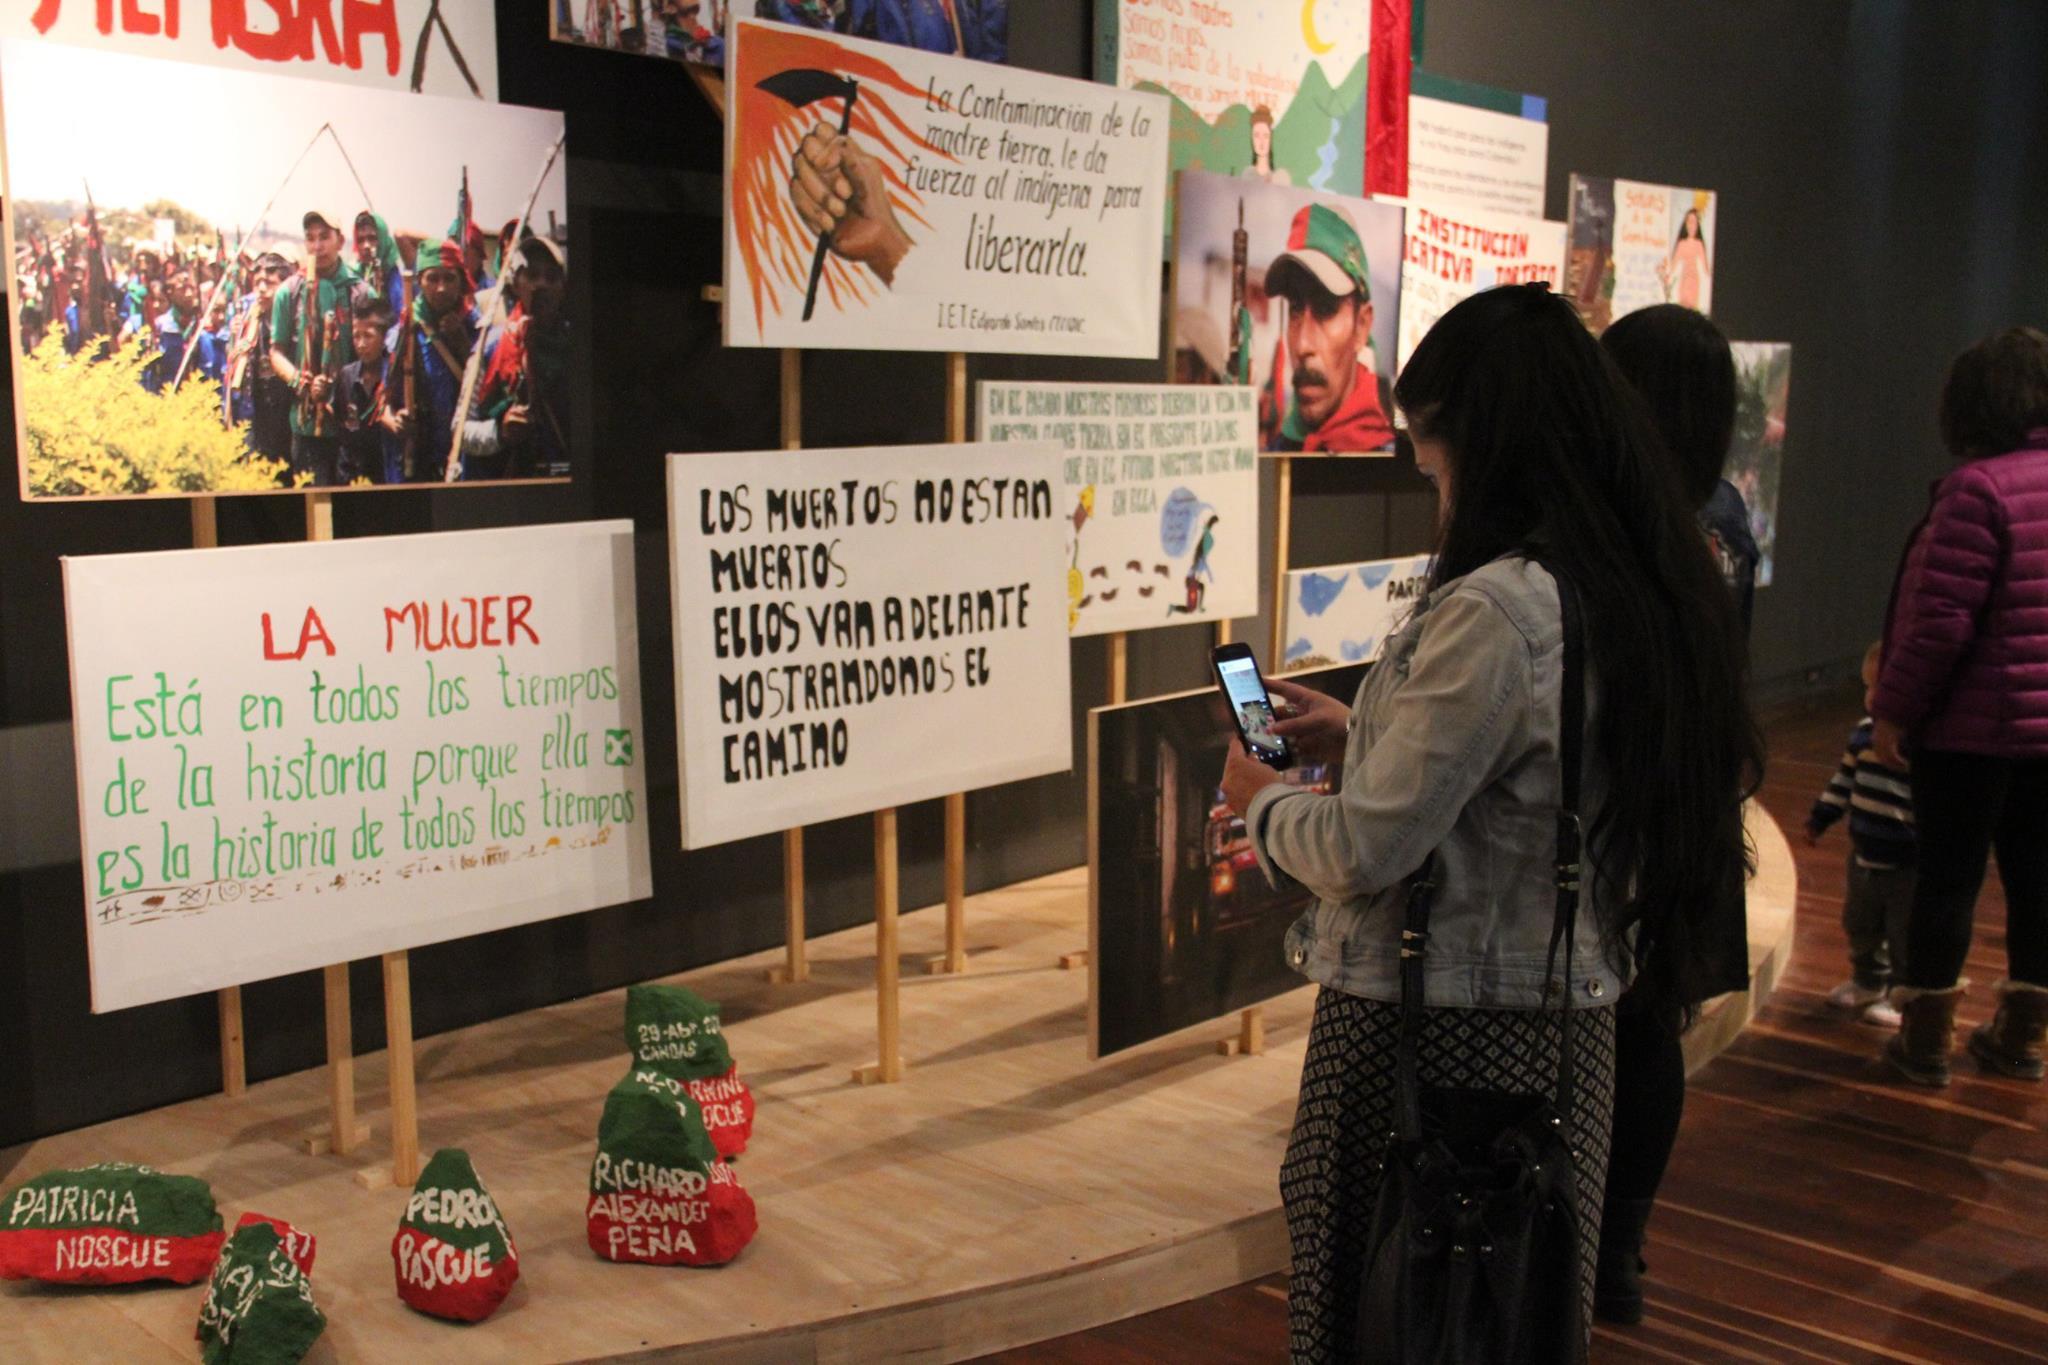 Foto de: Facebook - @museonacionaldecolombia